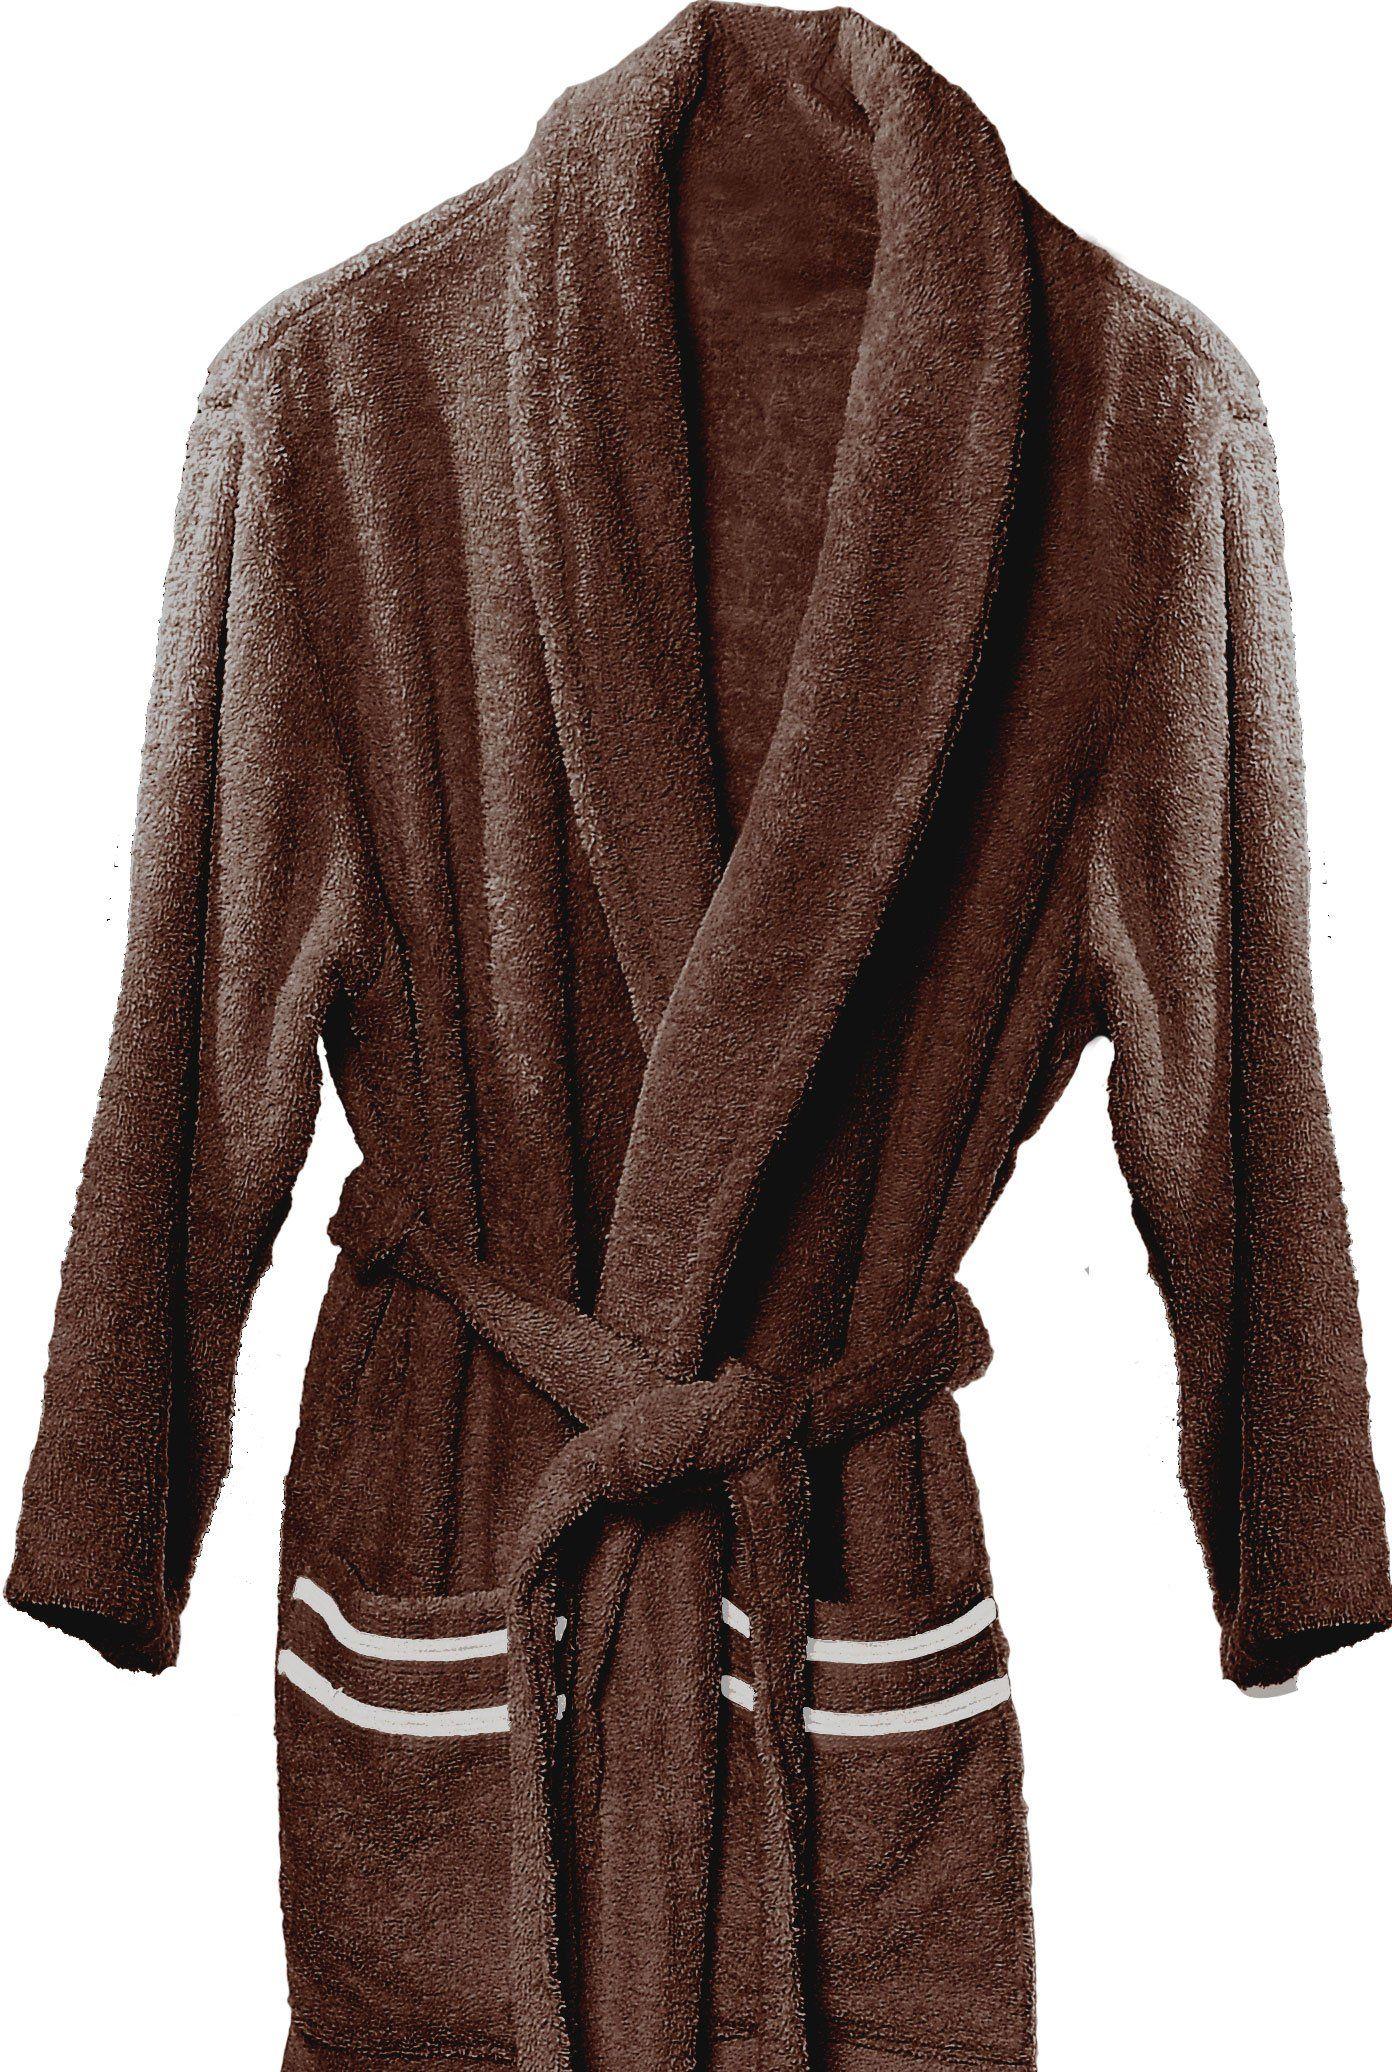 Atenas Home Textile Altea szlafrok kąpielowy z bawełny frotte, rozm. M, 100% bawełna, 320 g/m , beżowy/brązowy XL brązowy/beżowy